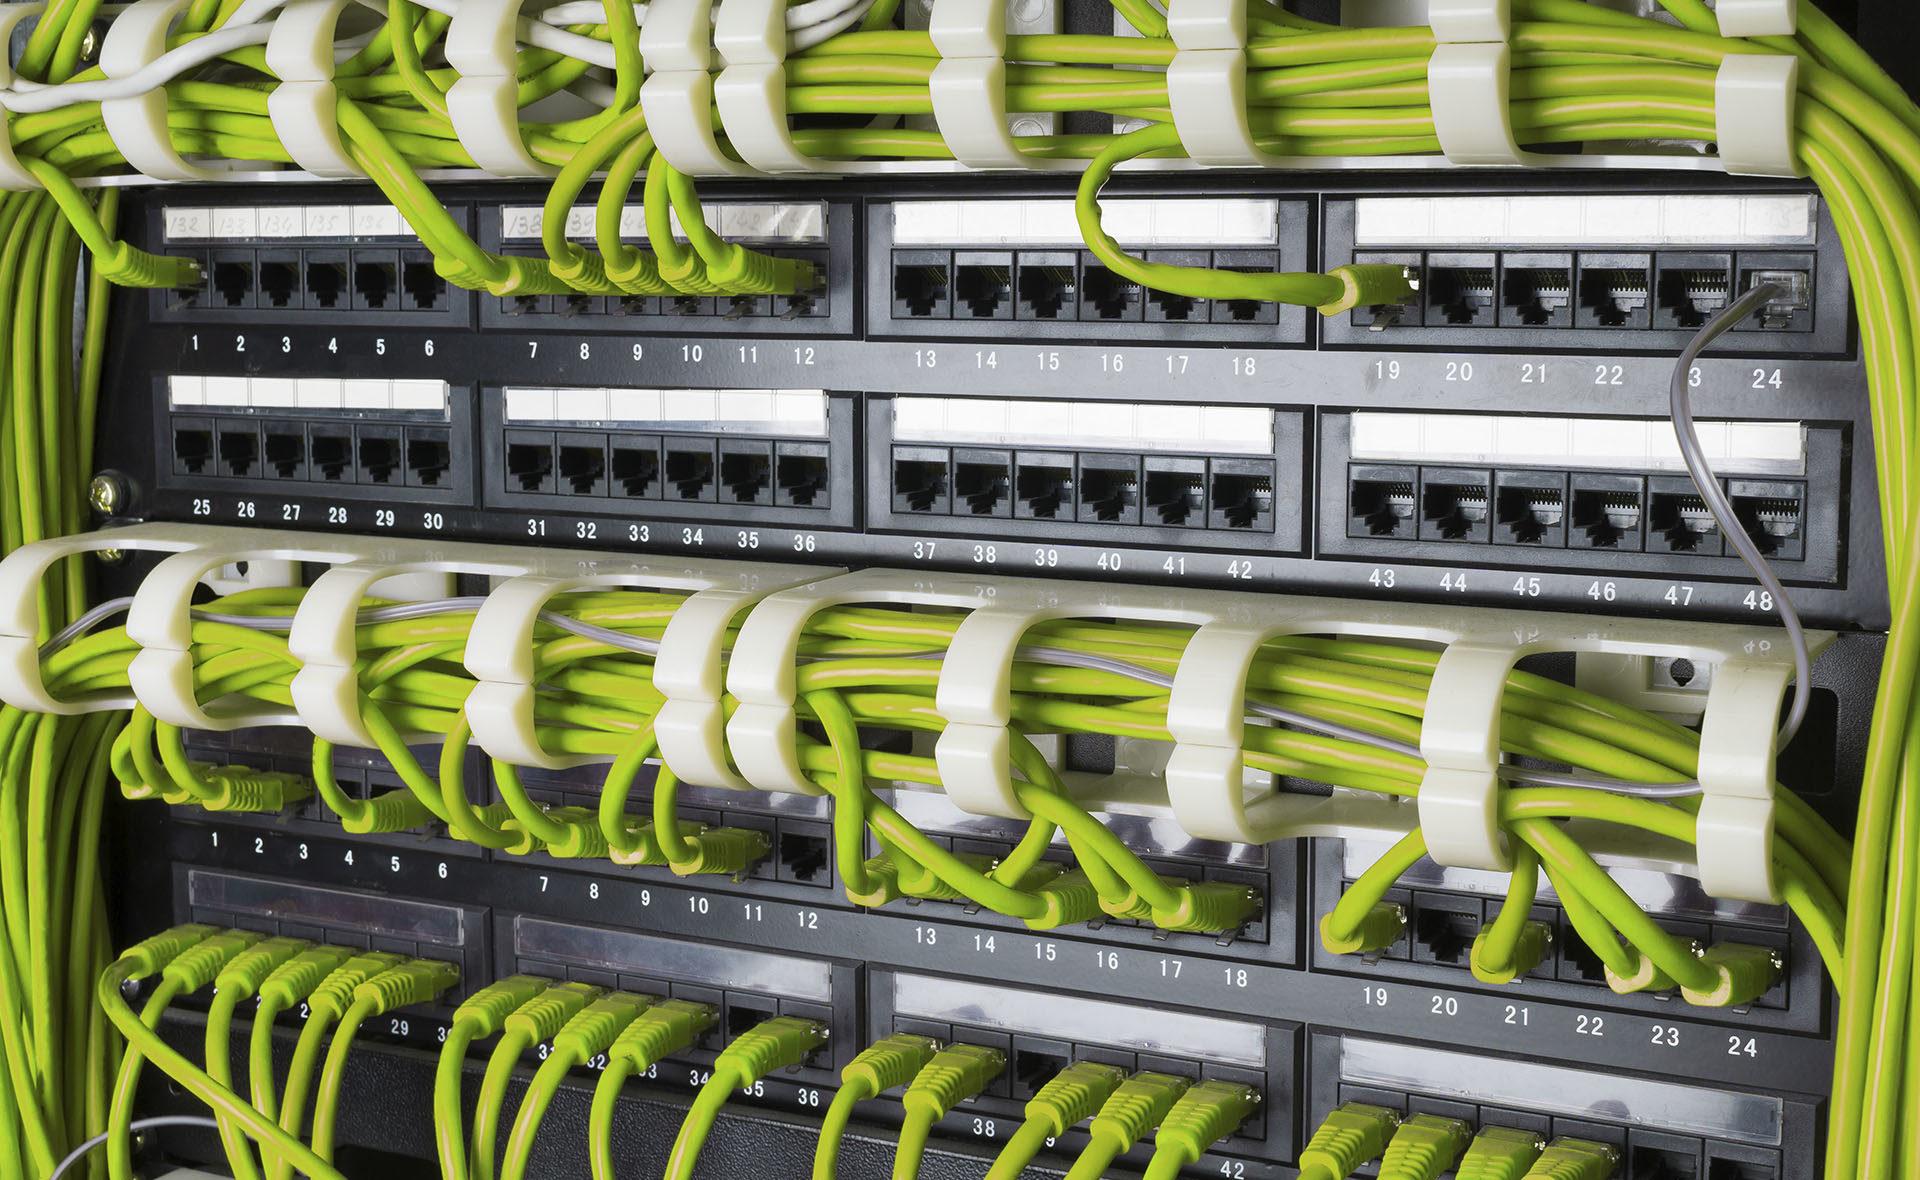 Fotografía de telecomunicaciones, cables, enchufes tecnología, verde, sostenible